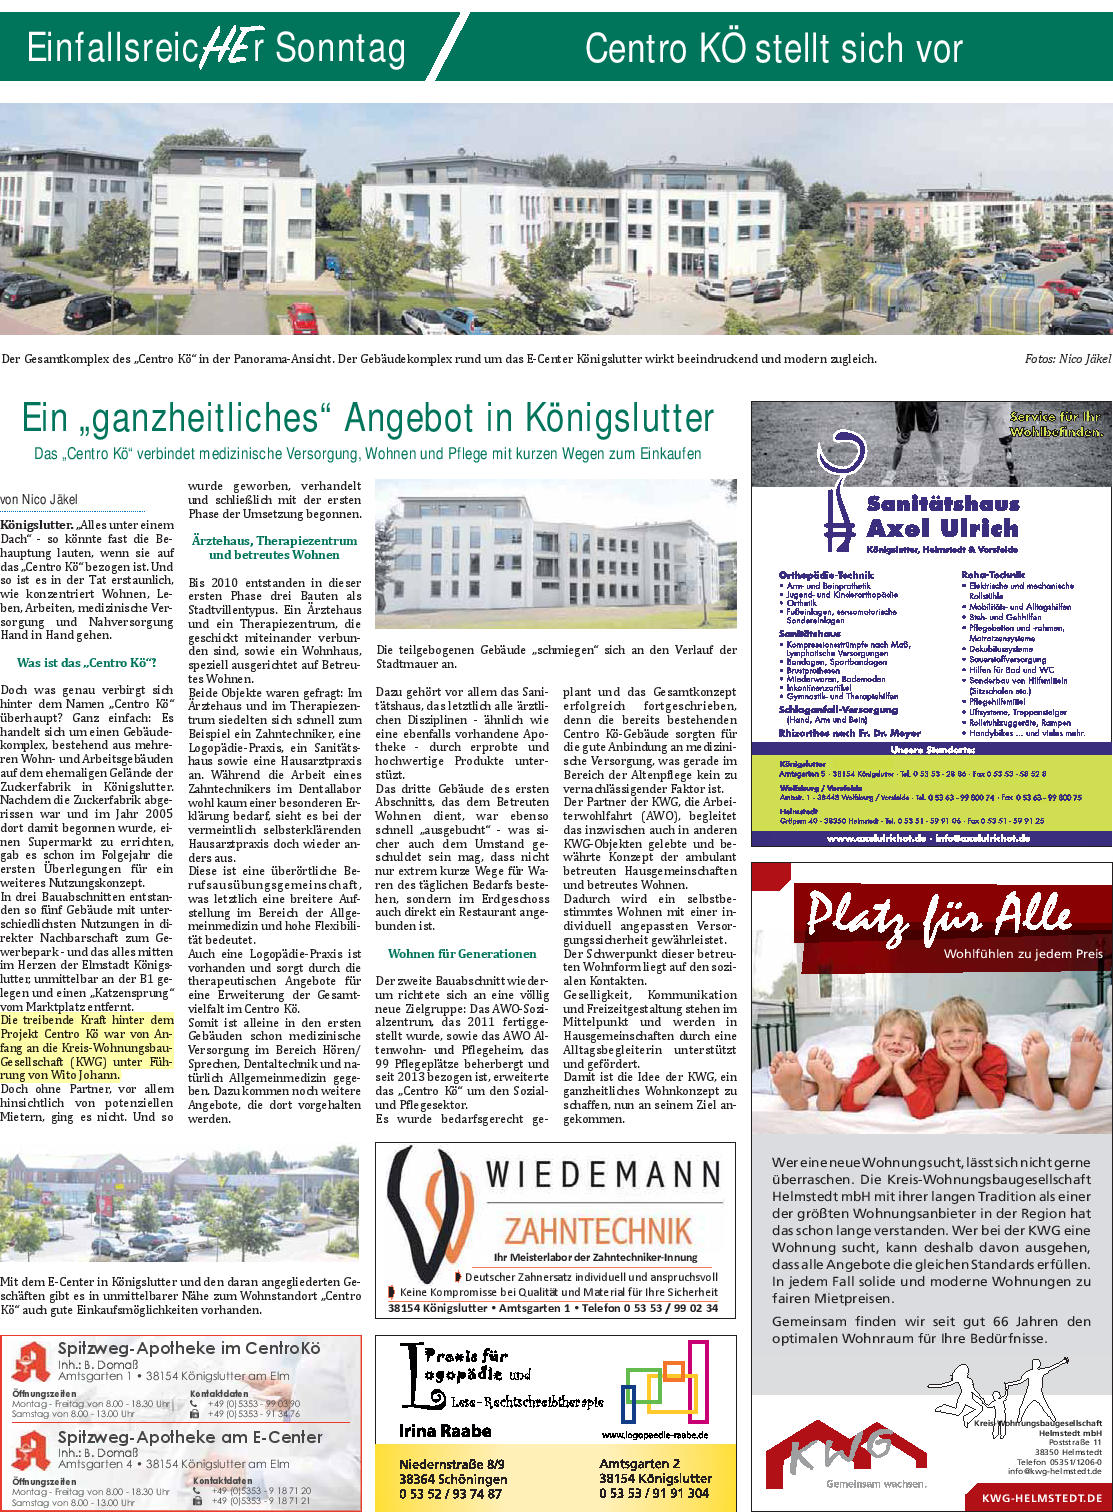 https://www.kwg-helmstedt.de/media/Königslutter_Centro_Kö_HE_Sonntag_28072019.jpg